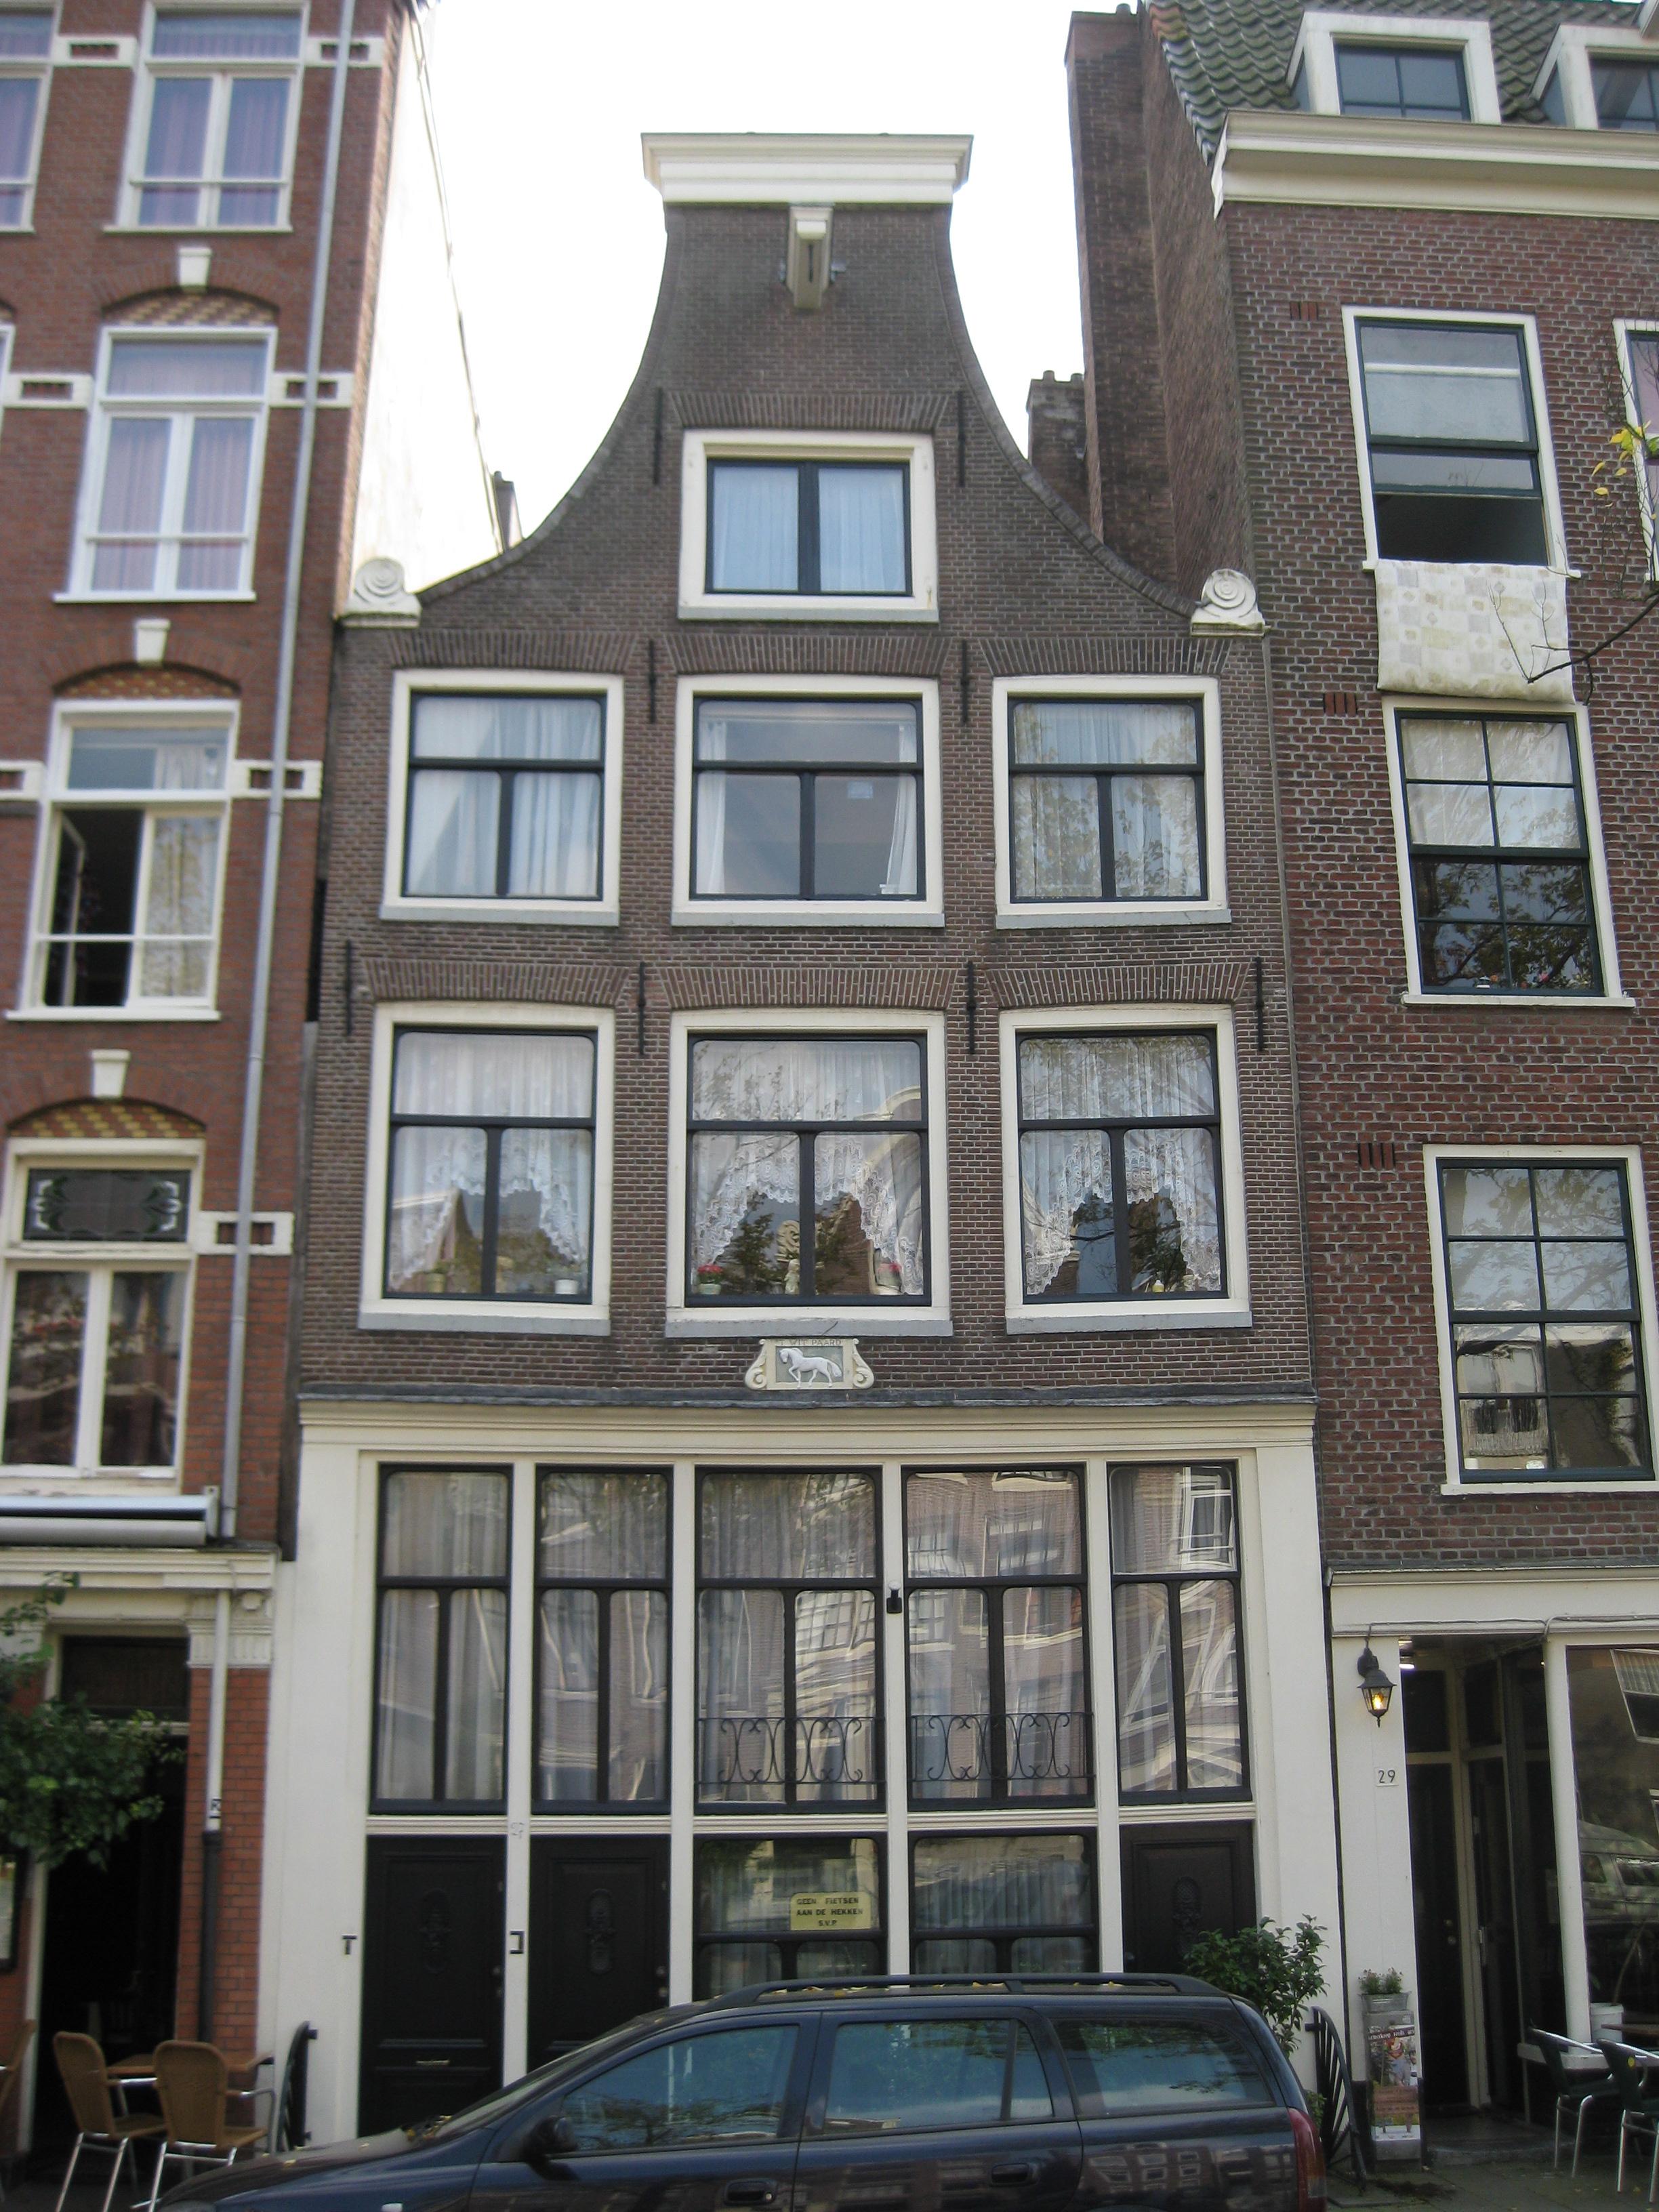 huis met latere gevel onder klokvormige top met rollagen en afsluitende lijst in amsterdam